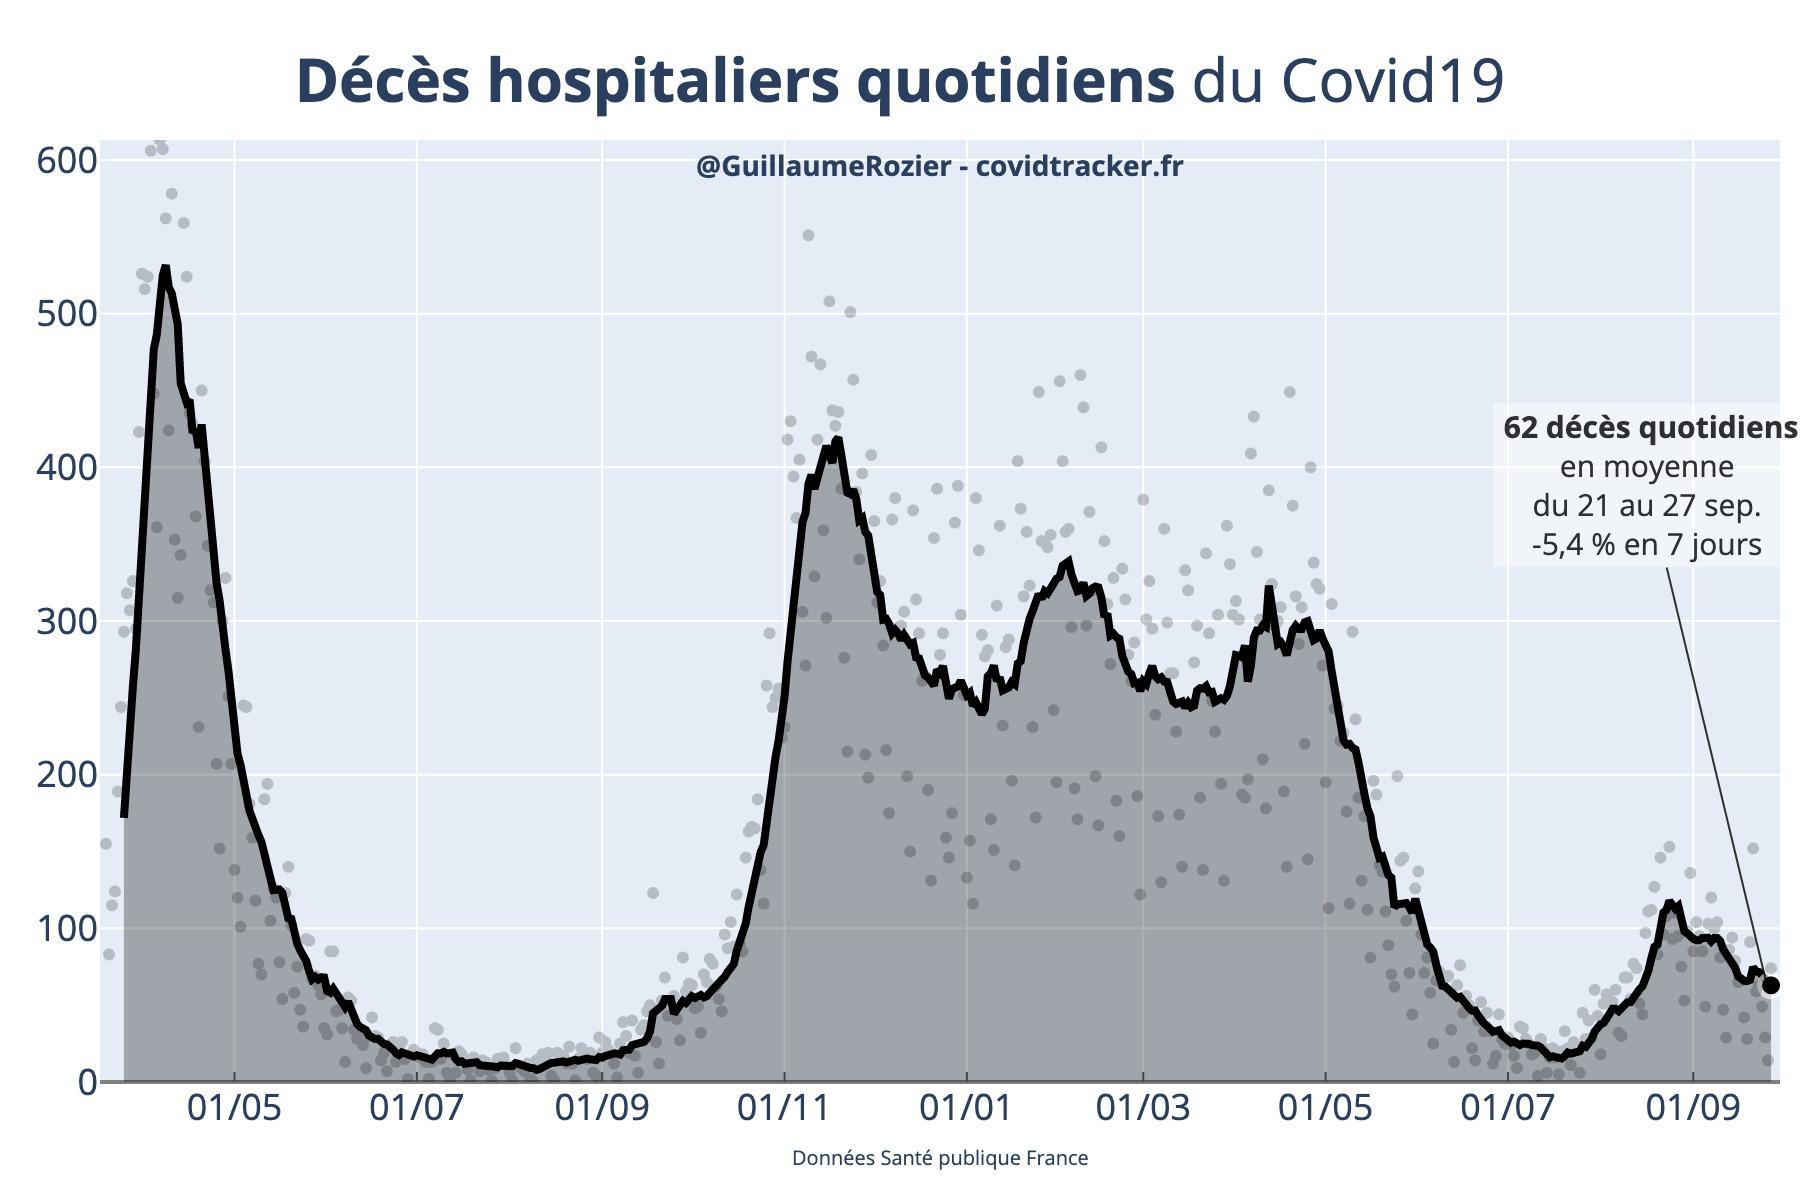 Vue sur le plateau des décès COVID-19 en France actualisé quotidiennement par Guillaume Rozier (Crédit : Guillaume Rozier pour covidtracker.fr)